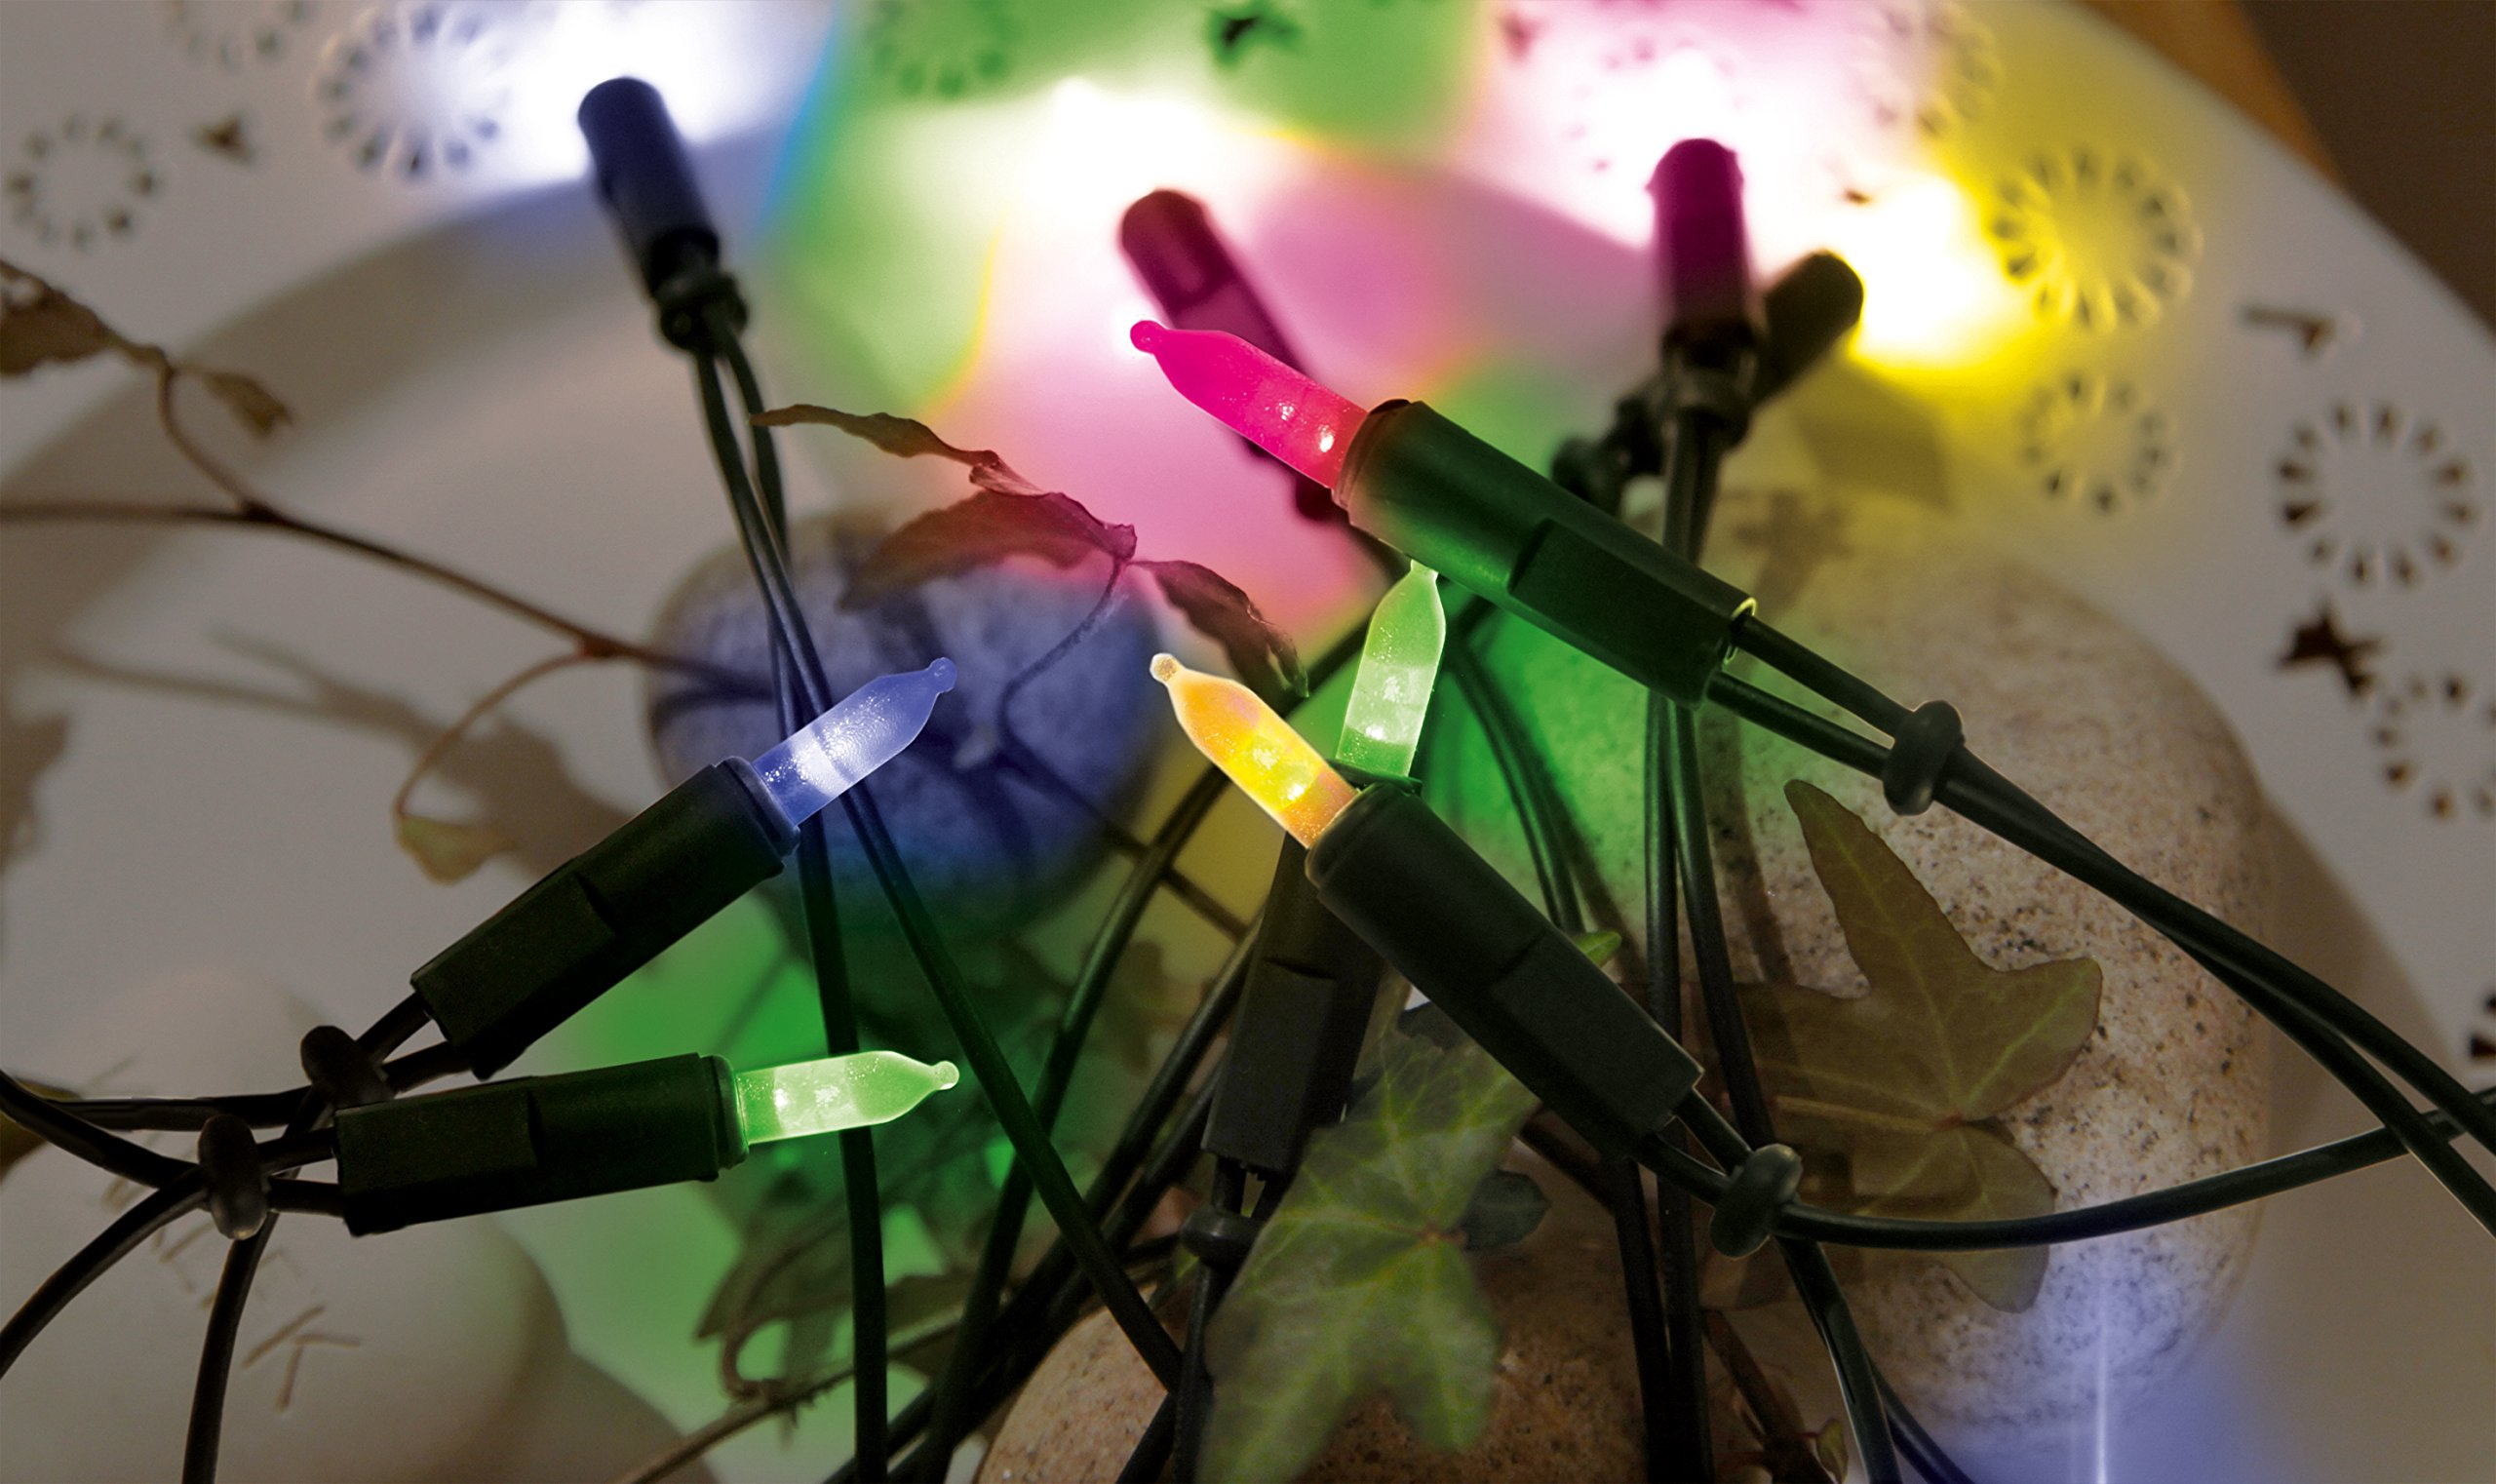 Lichterkette-P-LED-mini-20er-bunt-fr-innen